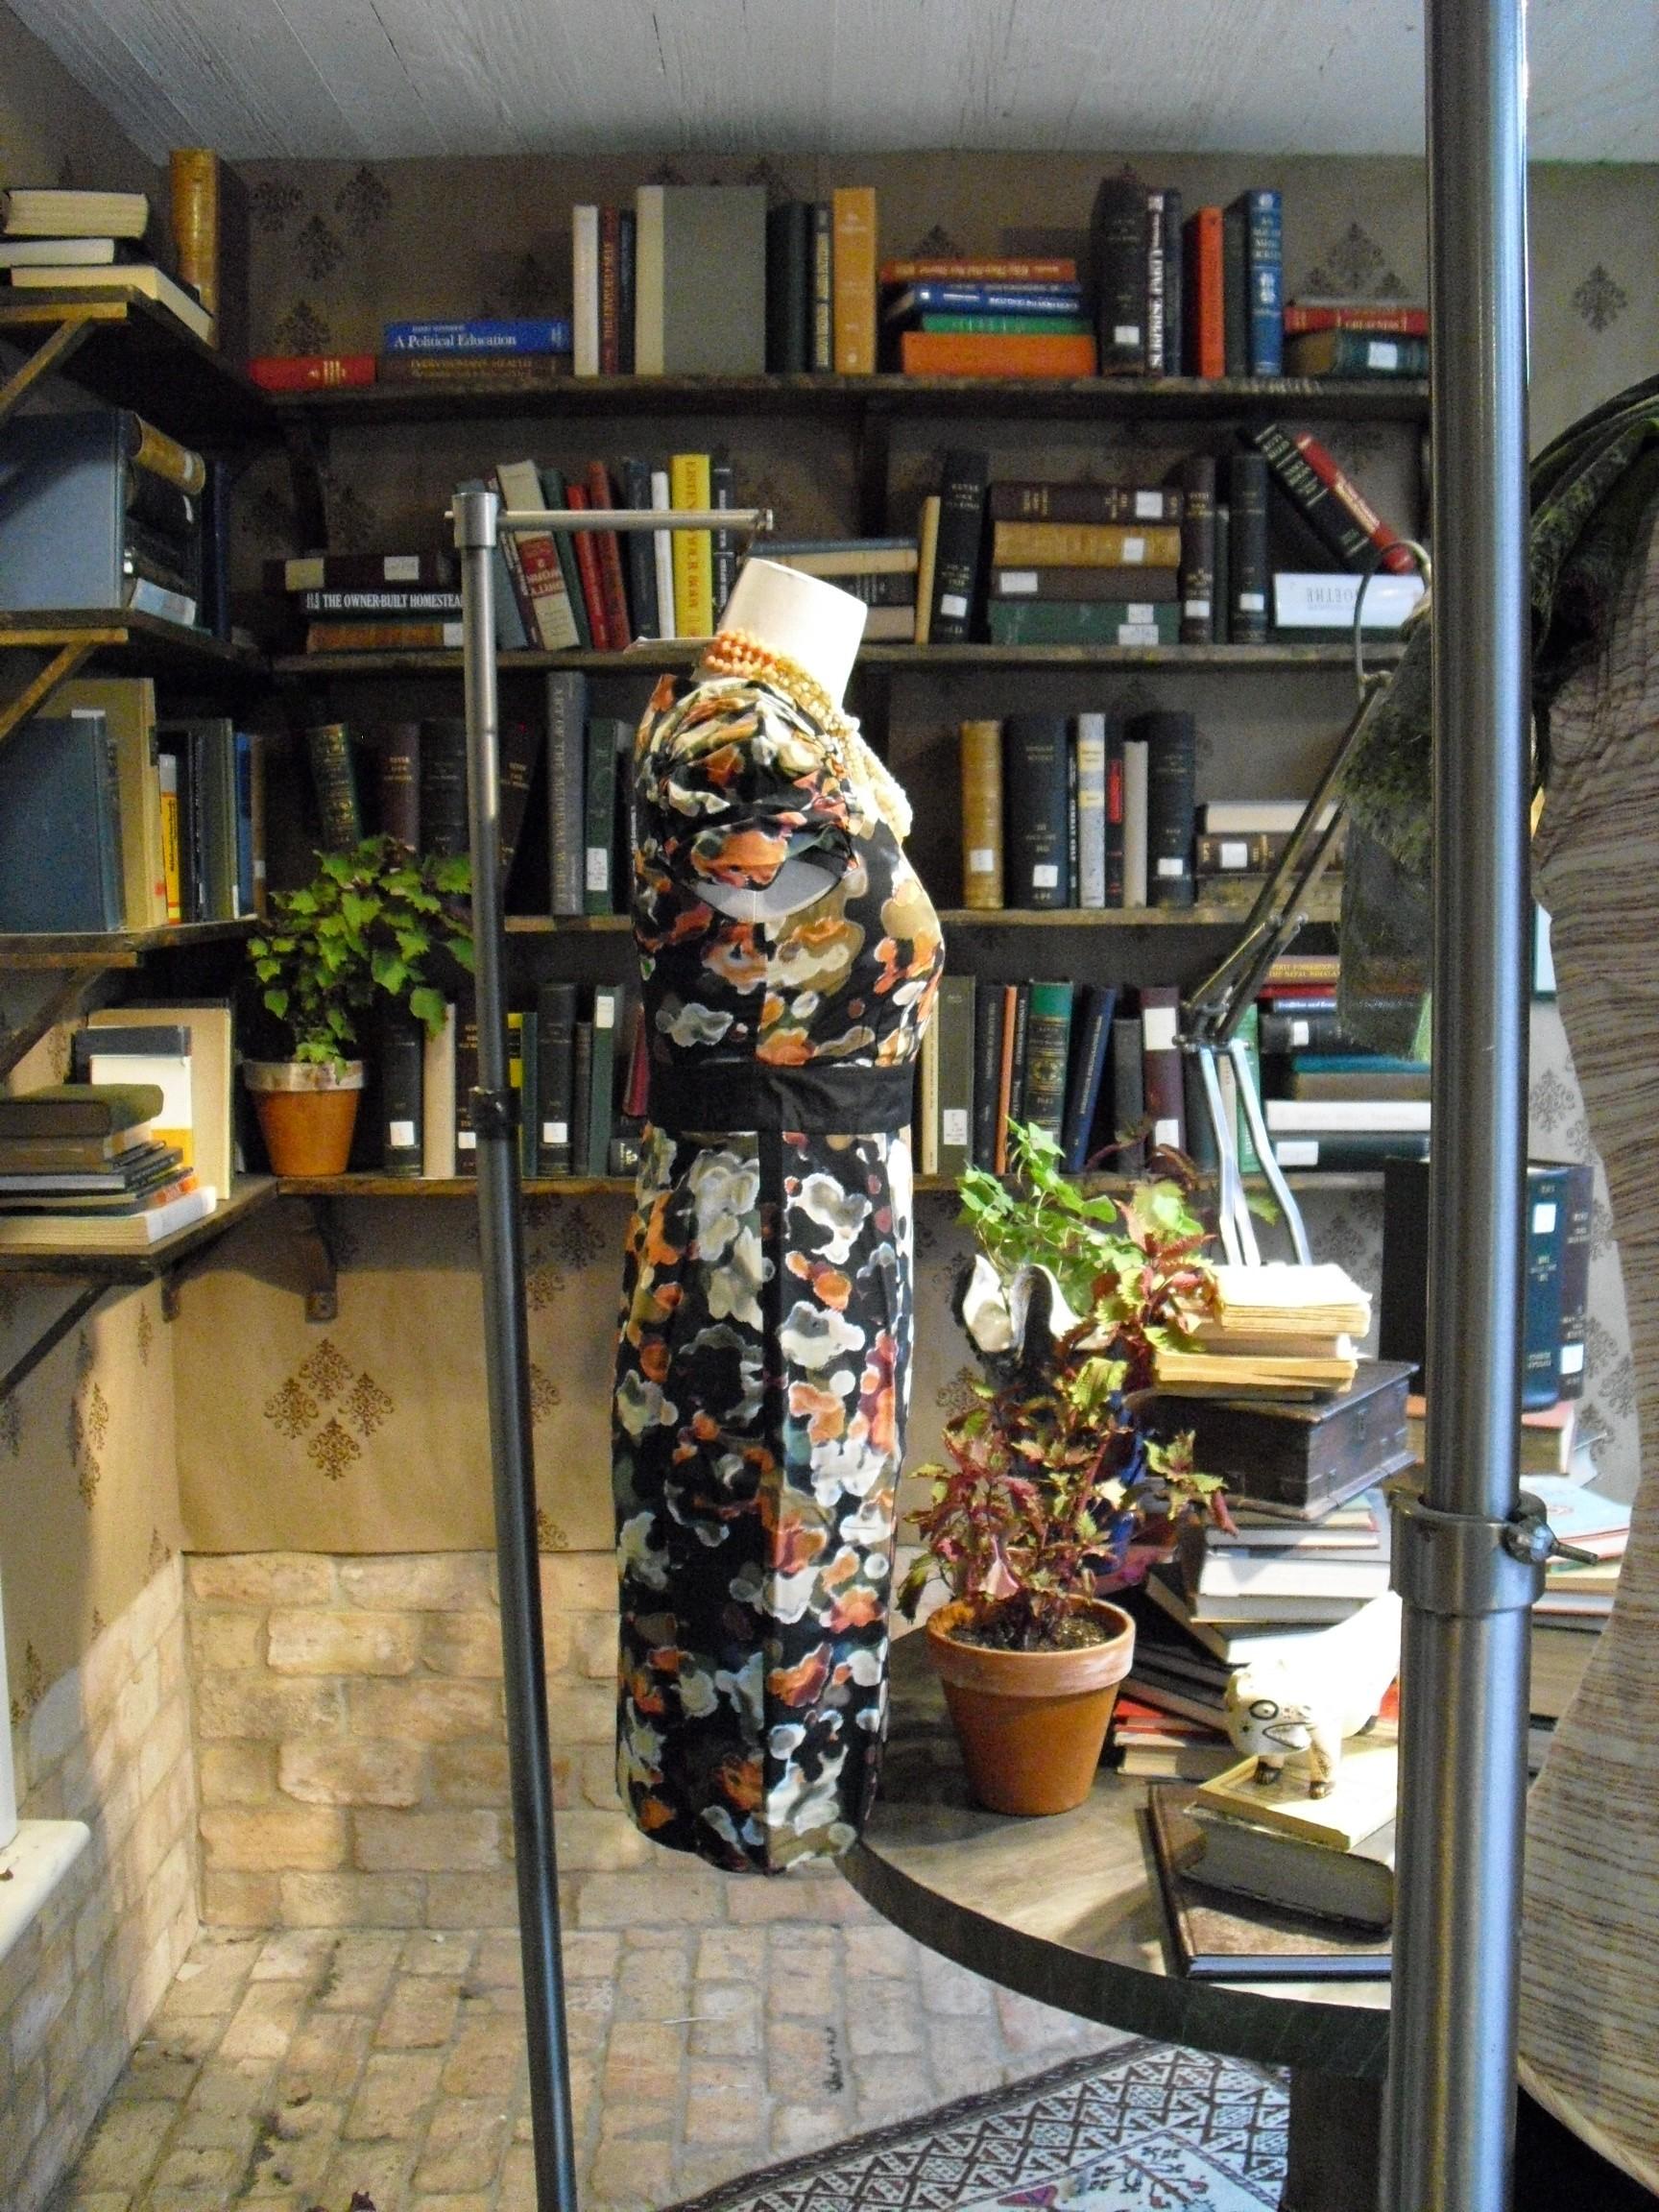 Dress, Shelves of Books